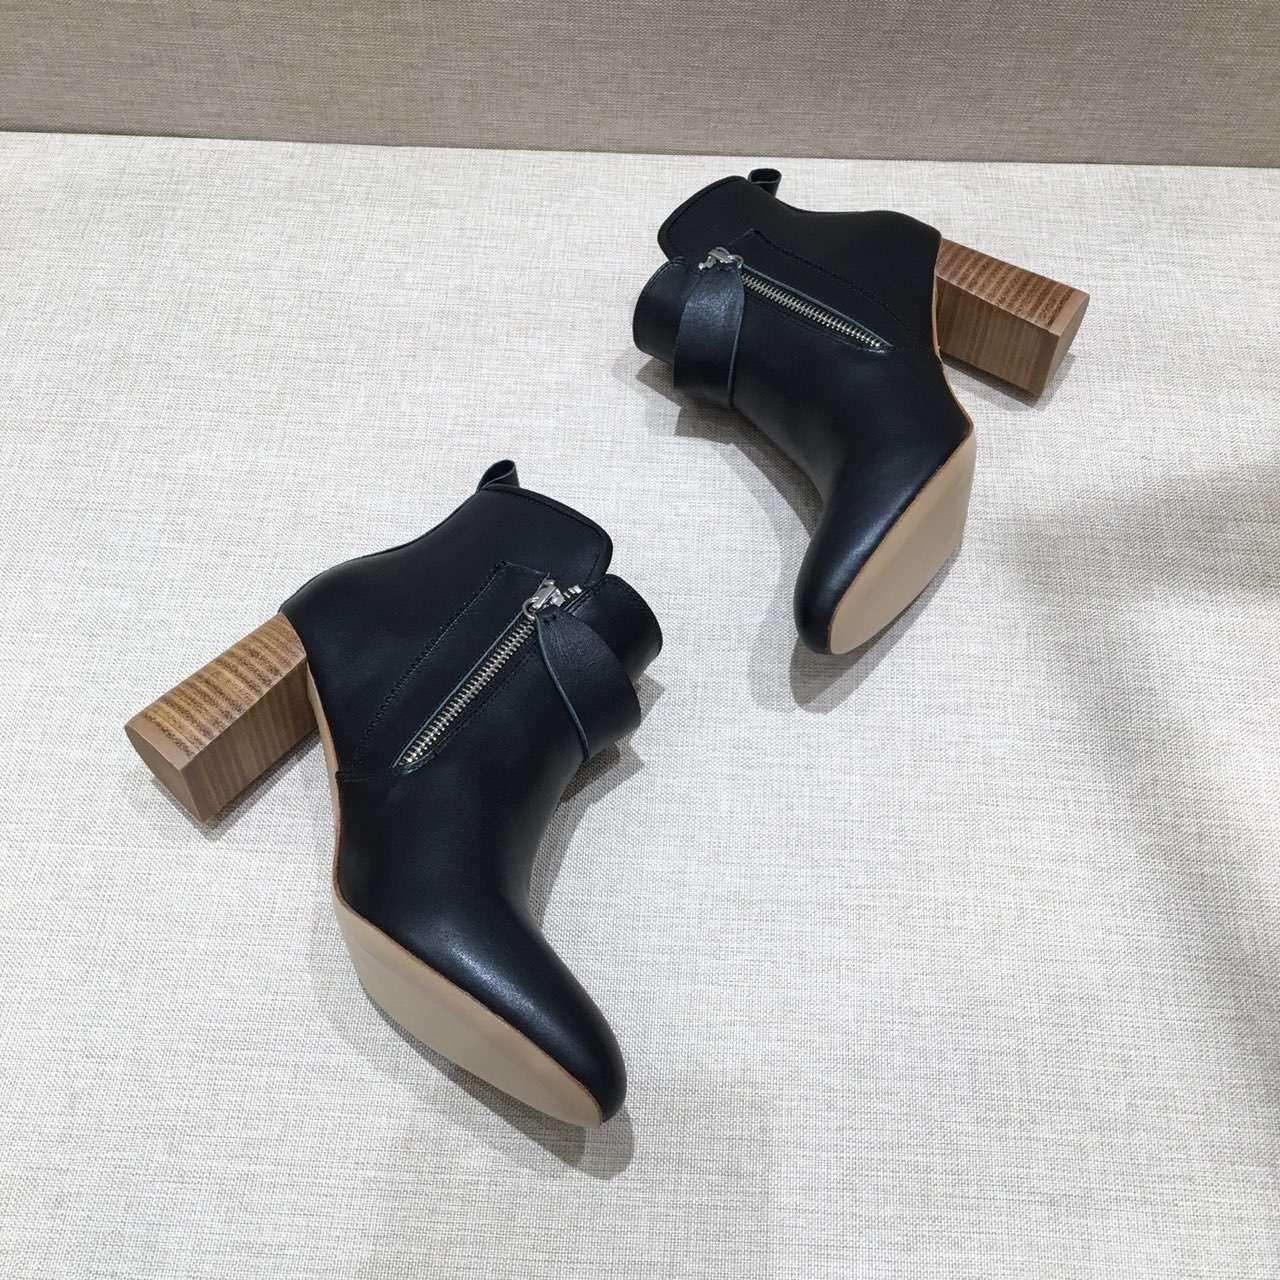 2016 秋冬款 ChIoe 专柜最新款短靴 秉承原版购入 完美复刻